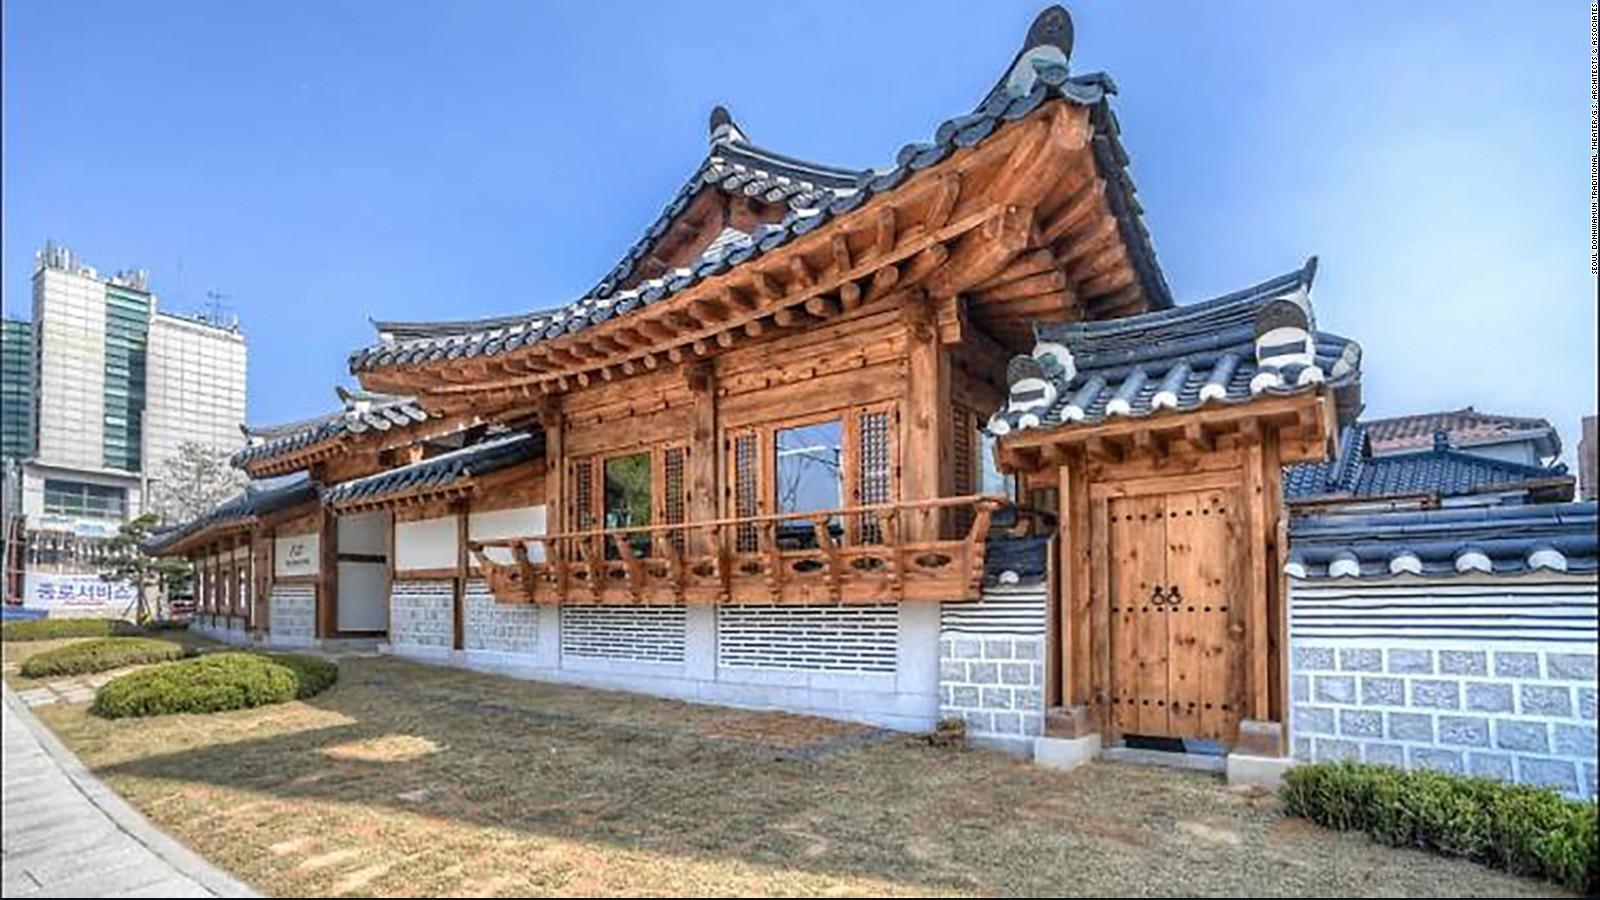 Hanok Traditions Inspire Modern Korean Design Cnn Style